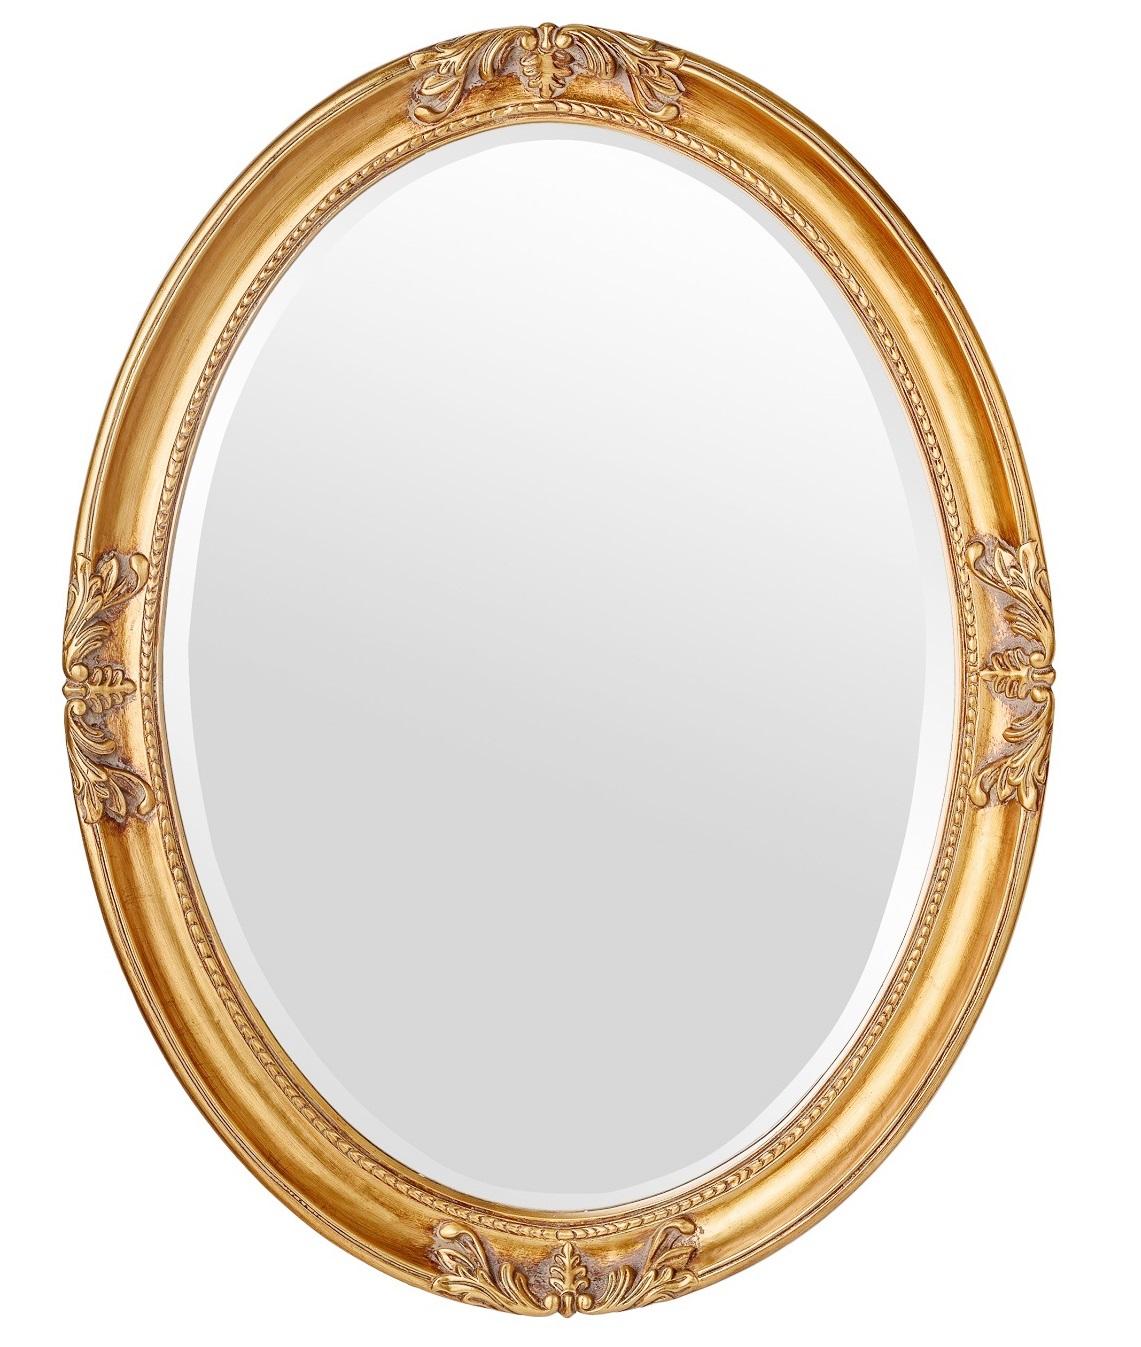 Картинка овальное зеркало